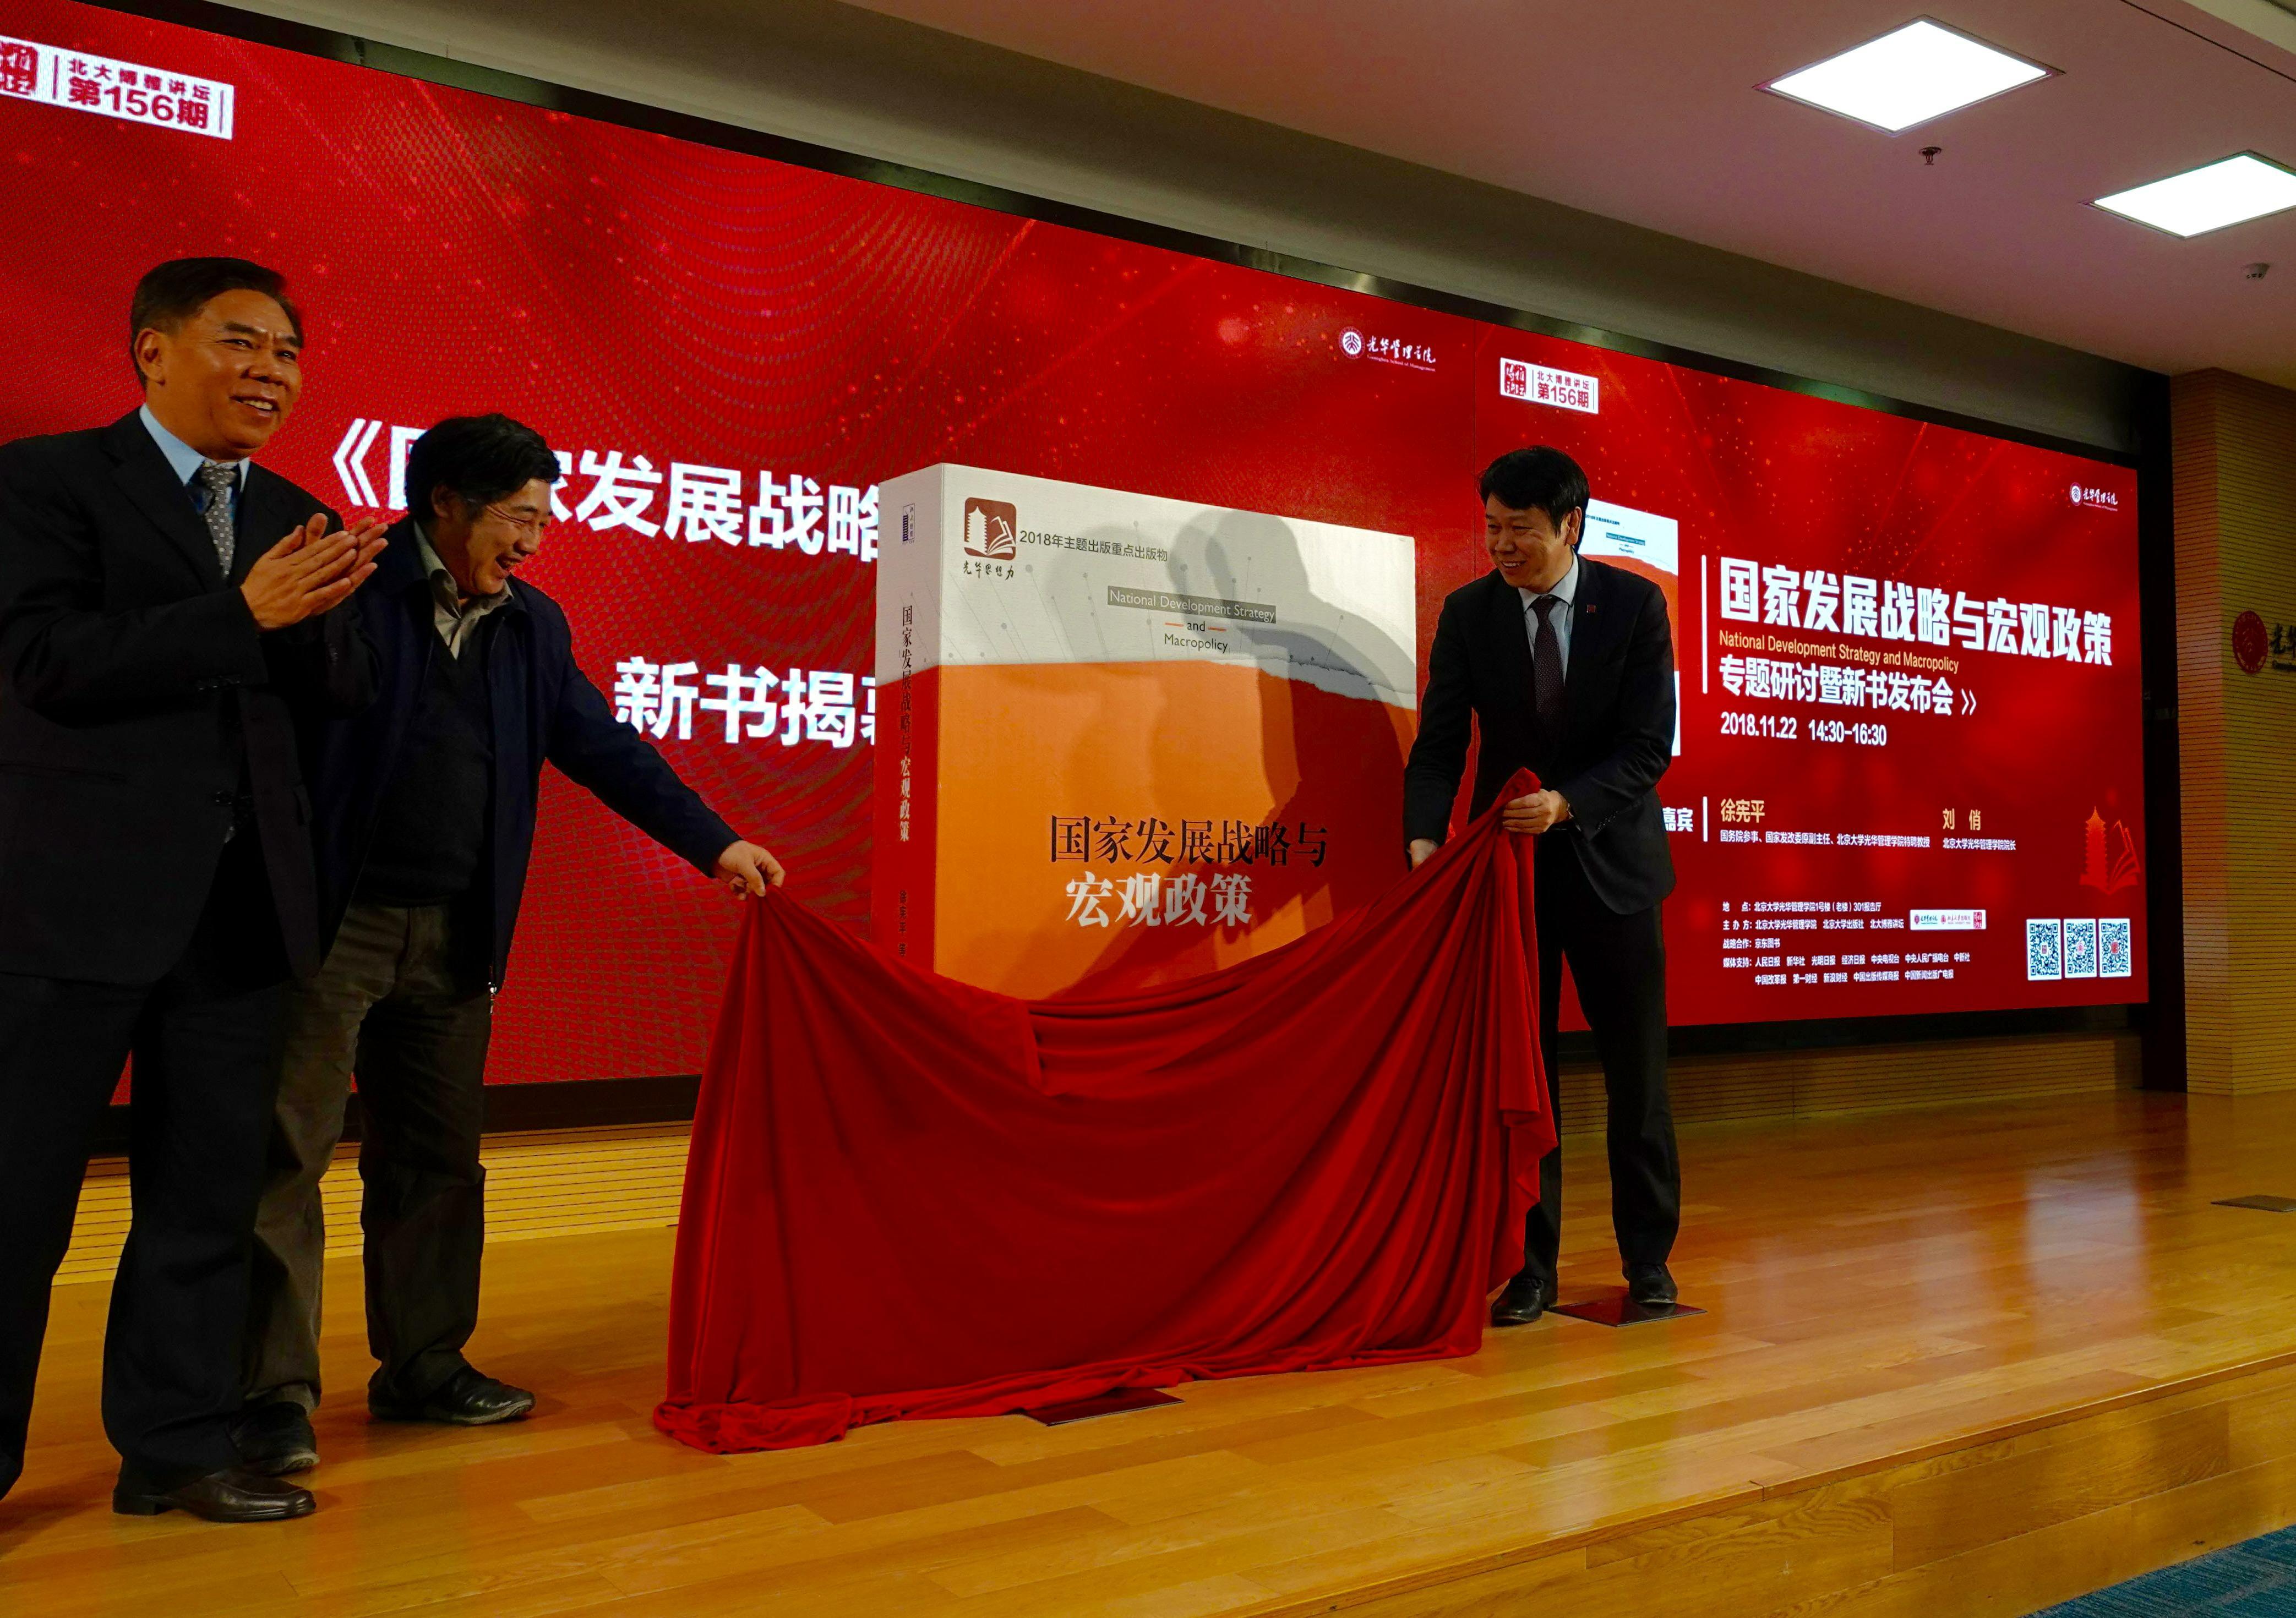 北京大学出版社推出徐宪平新书《国家发展战略与宏观政策》